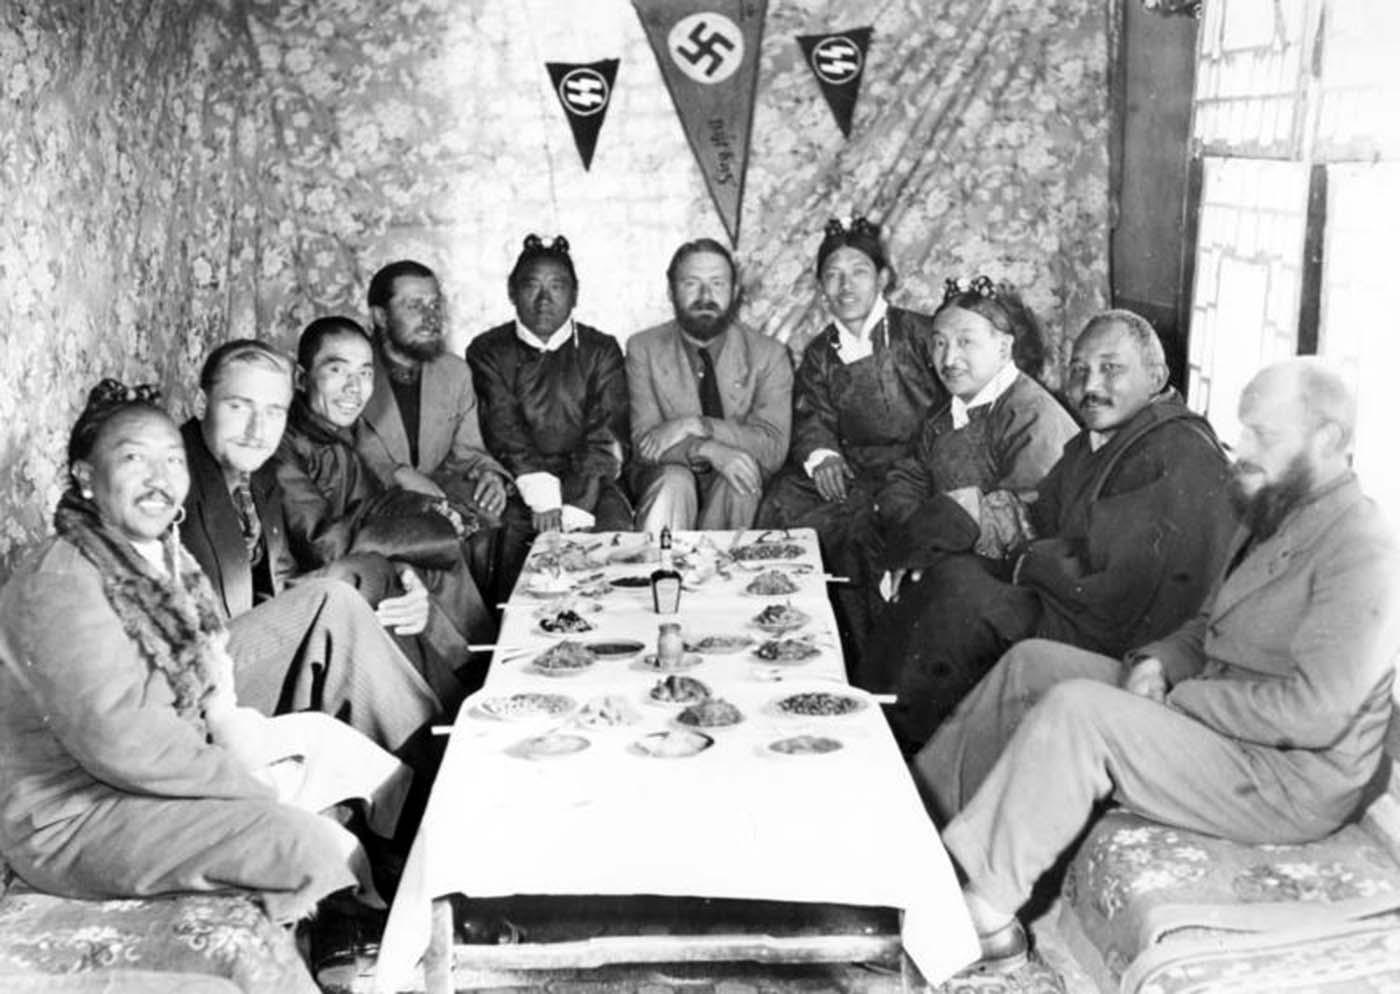 Bajo los banderines de las SS y una esvástica, los miembros de la expedición entretienen a algunos dignatarios tibetanos y al representante chino en Lhasa.